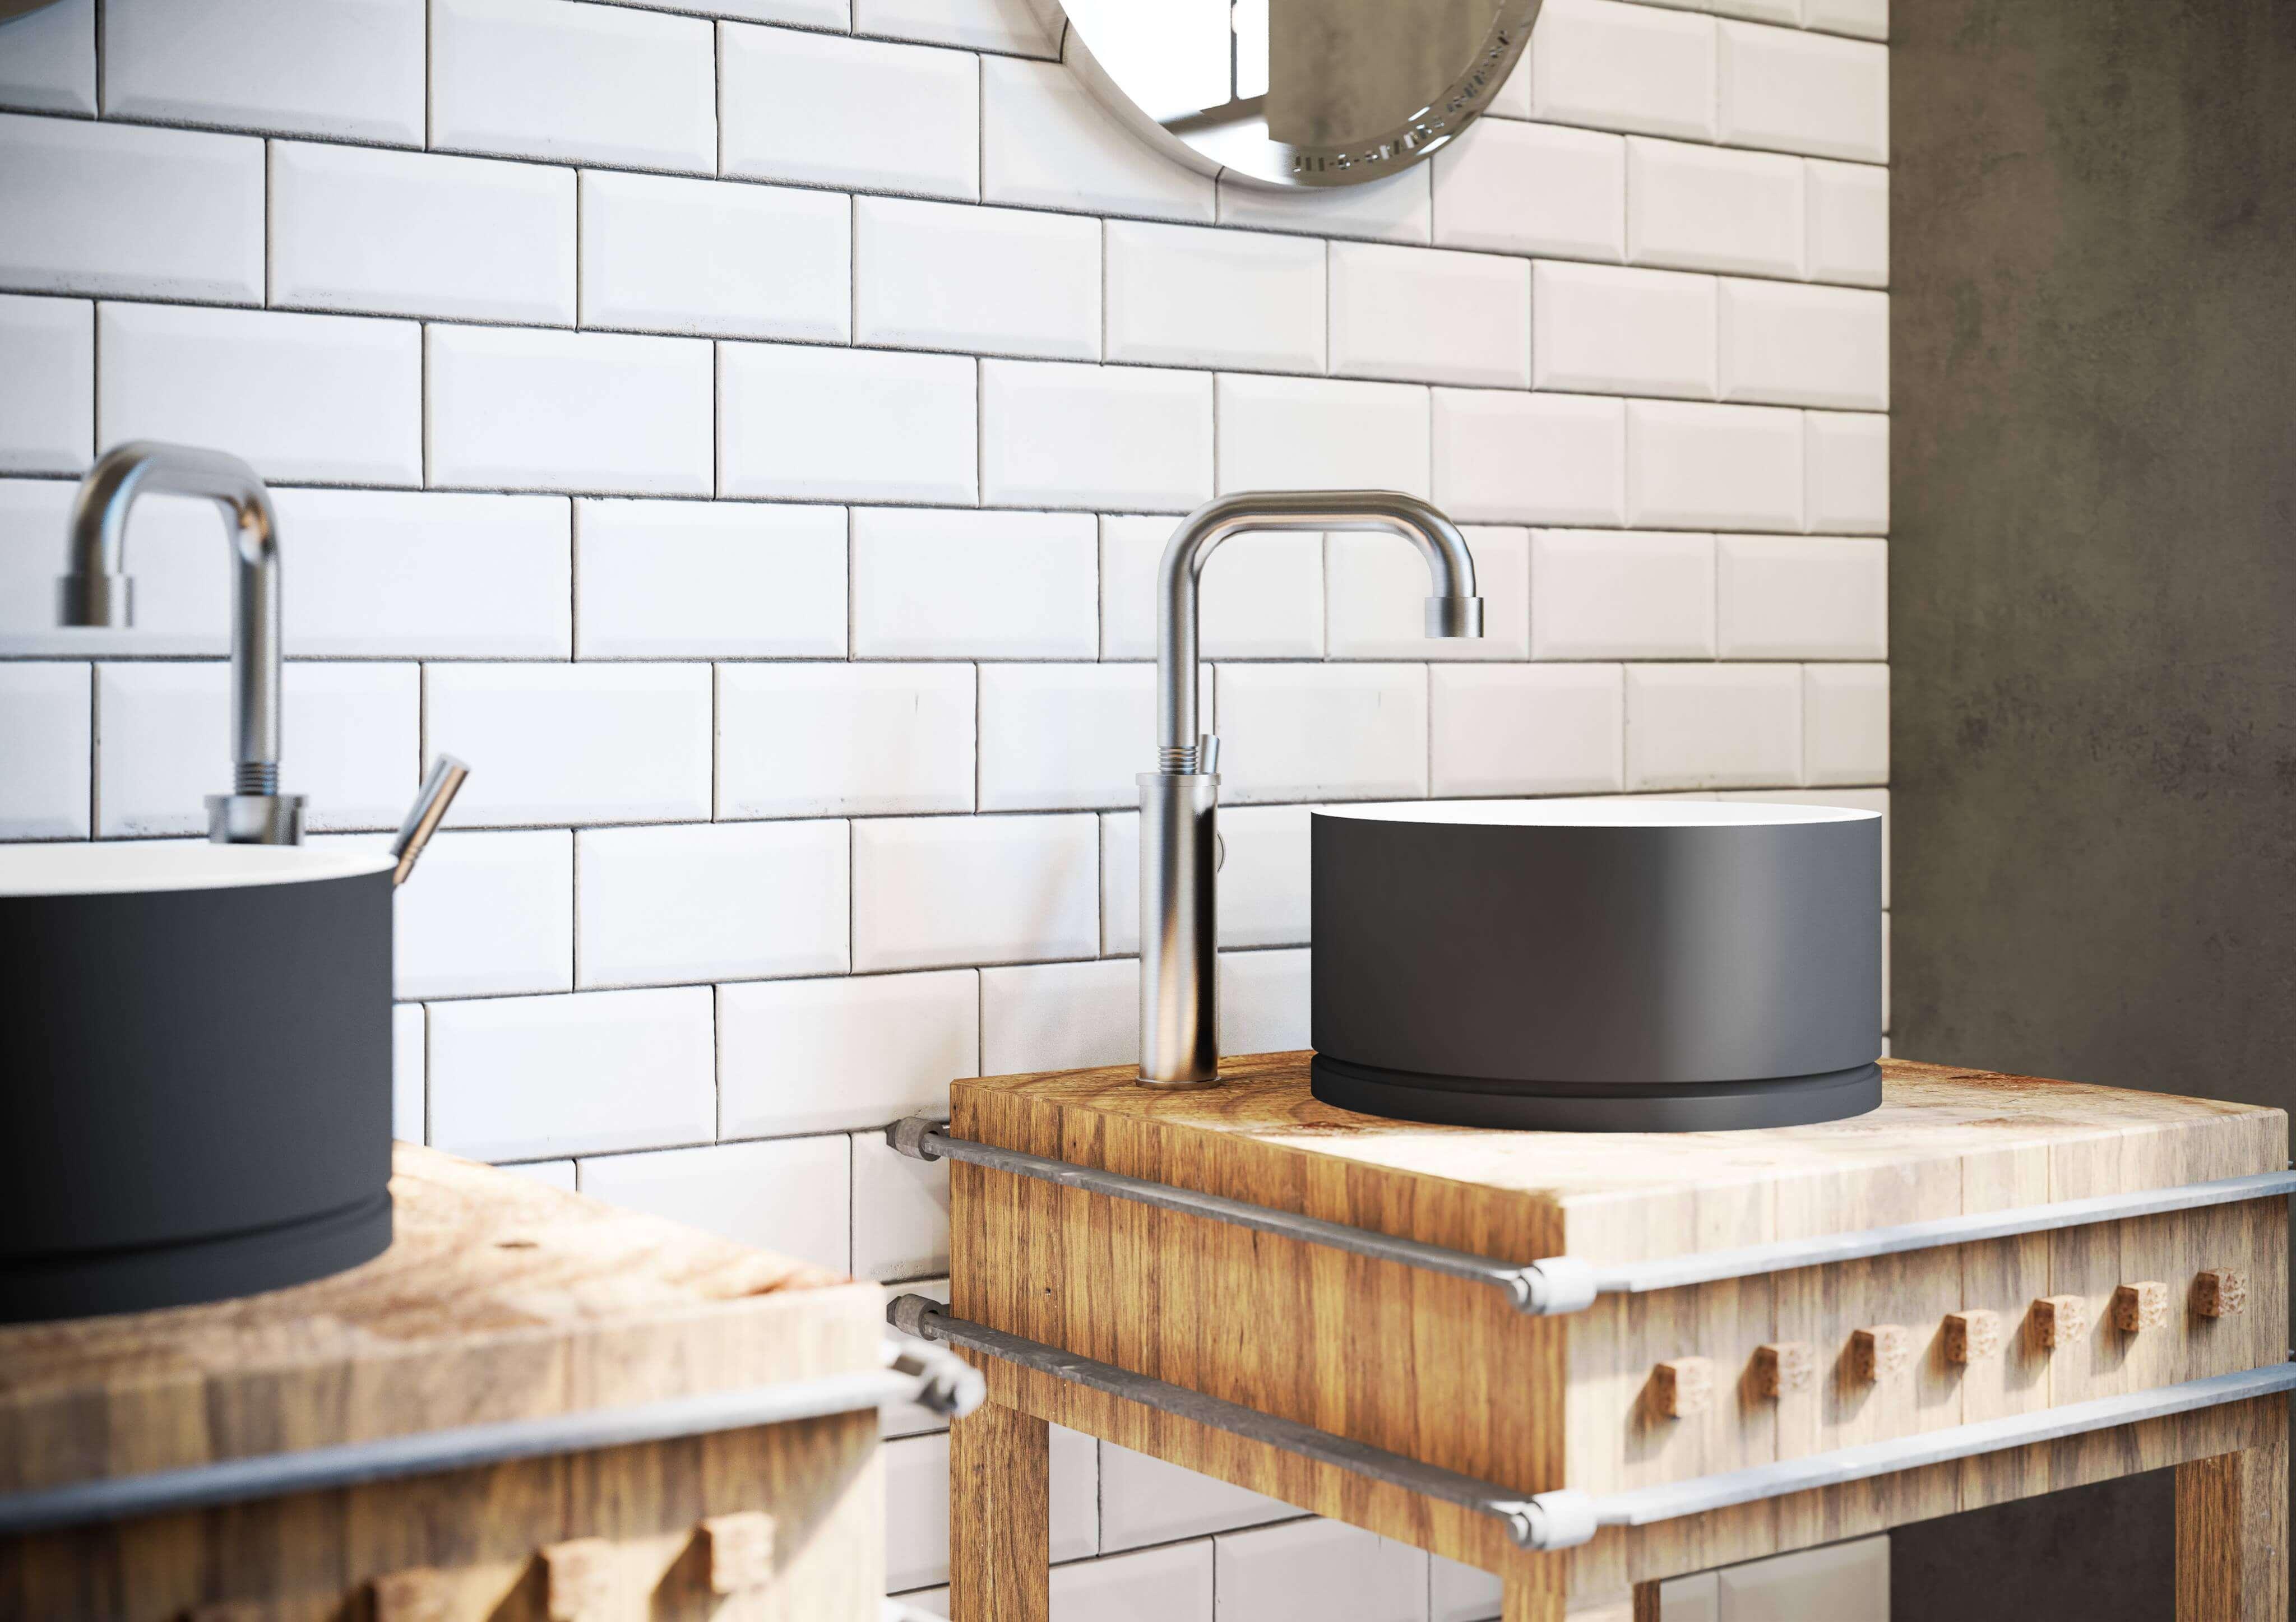 badezimmer einzigartig bad armaturen, jee-o lifestylelabel: die evolution des badezimmers, Design ideen